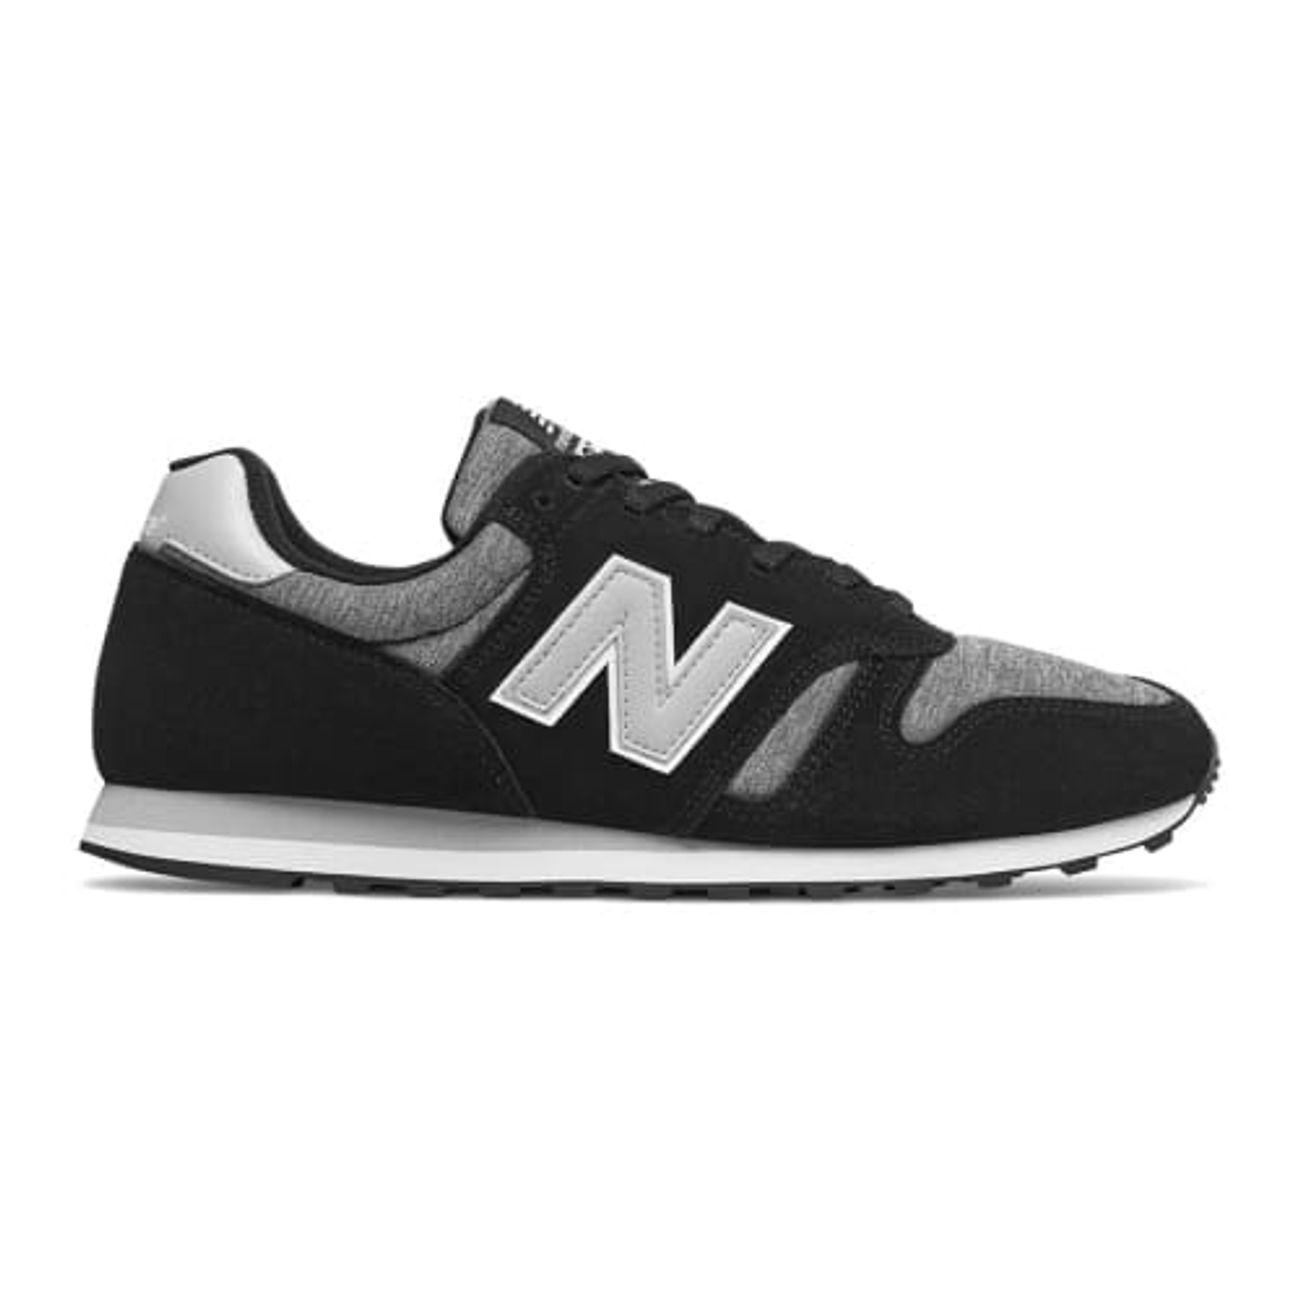 nouveau style 6659b 8d820 Mode- Lifestyle homme NEW BALANCE Chaussures New Balance ML 373 noir gris  clair